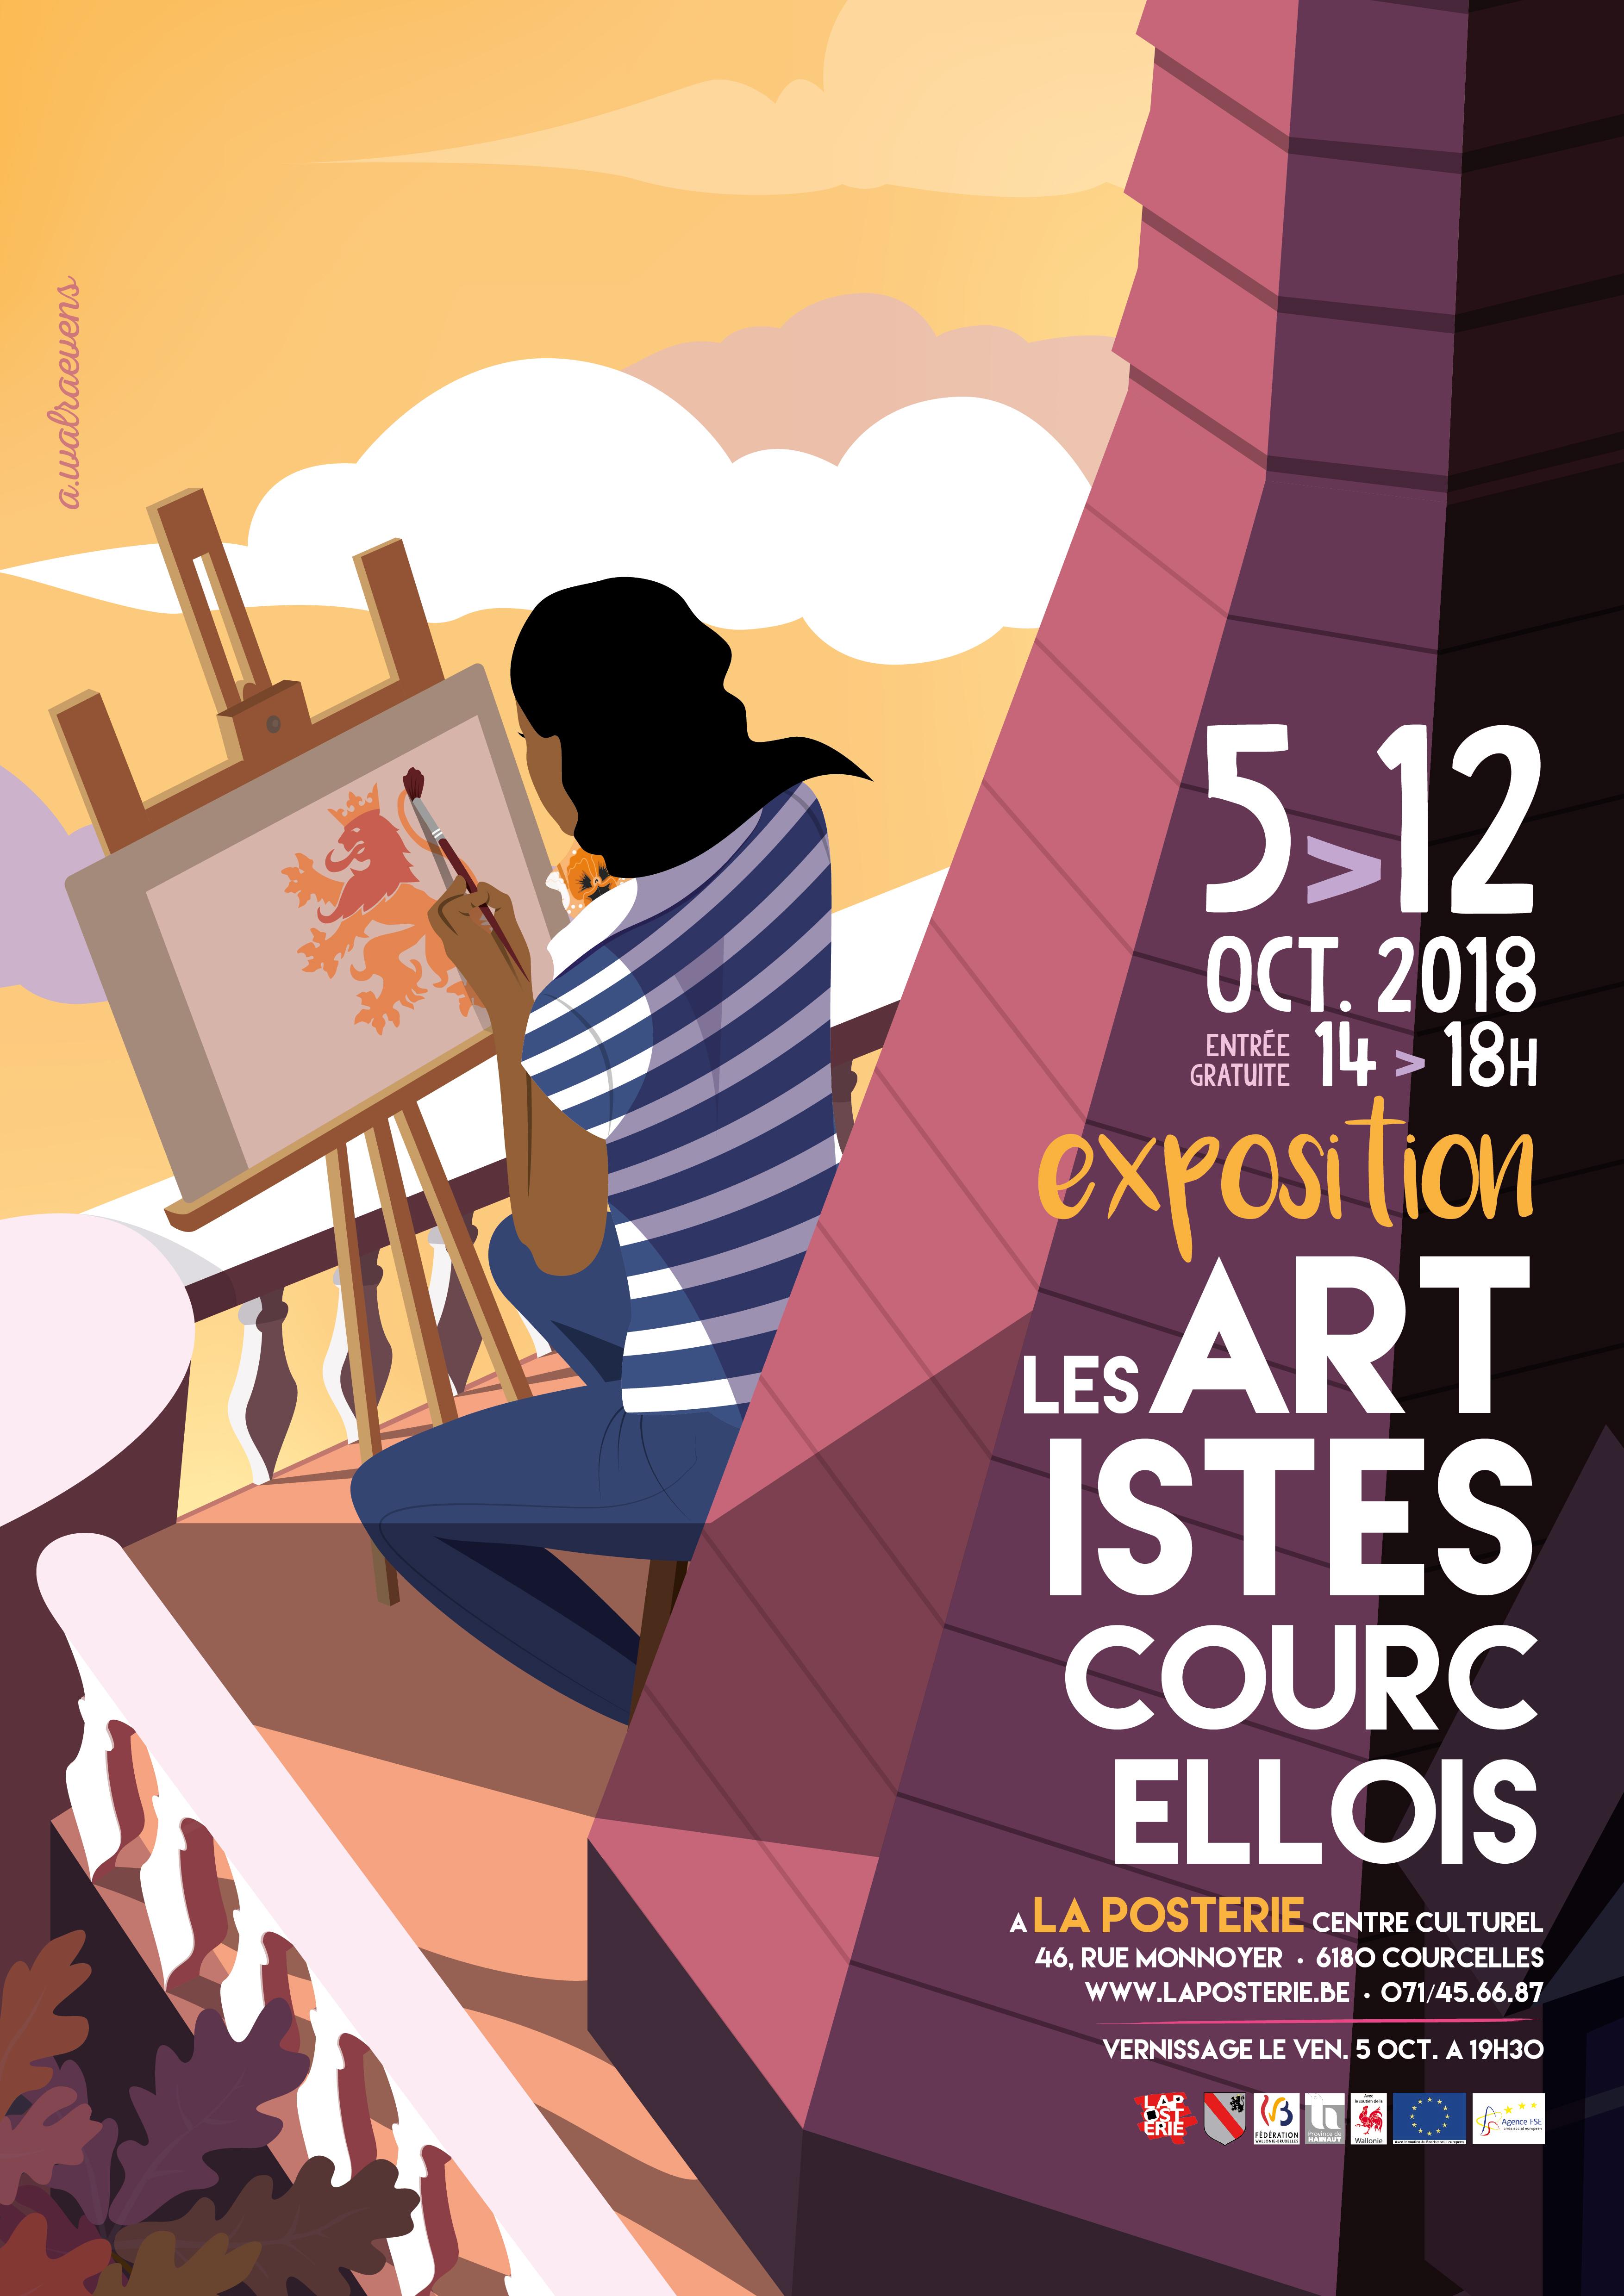 EXPO Artistes Courcellois 2018